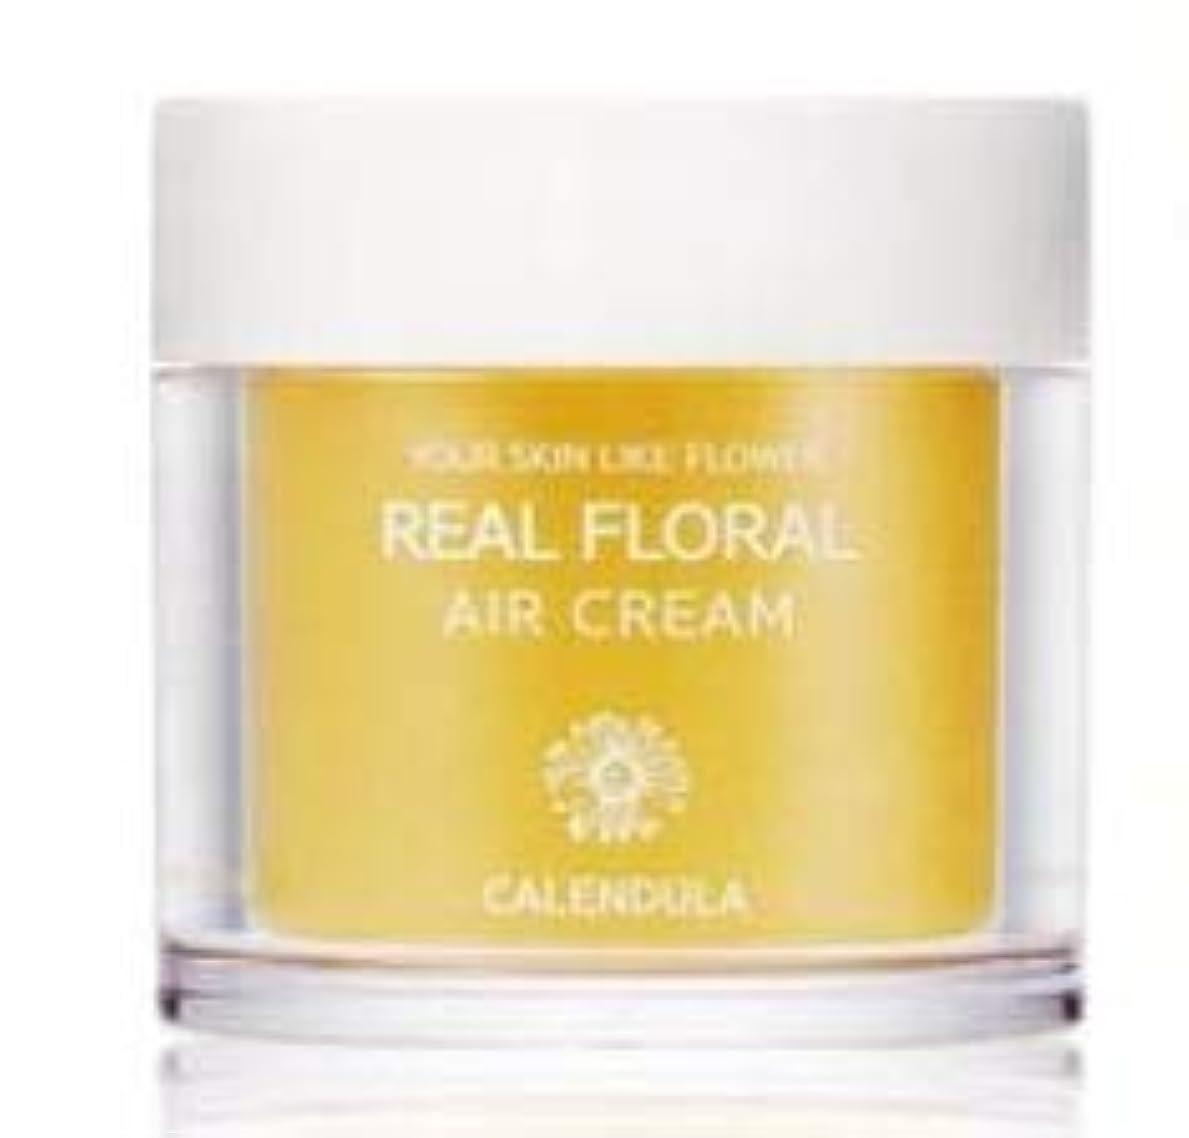 スキニー超える音声NATURAL PACIFIC Real Floral Air Cream 100ml (Calendula) /ナチュラルパシフィック リアル カレンデュラ エア クリーム 100ml [並行輸入品]